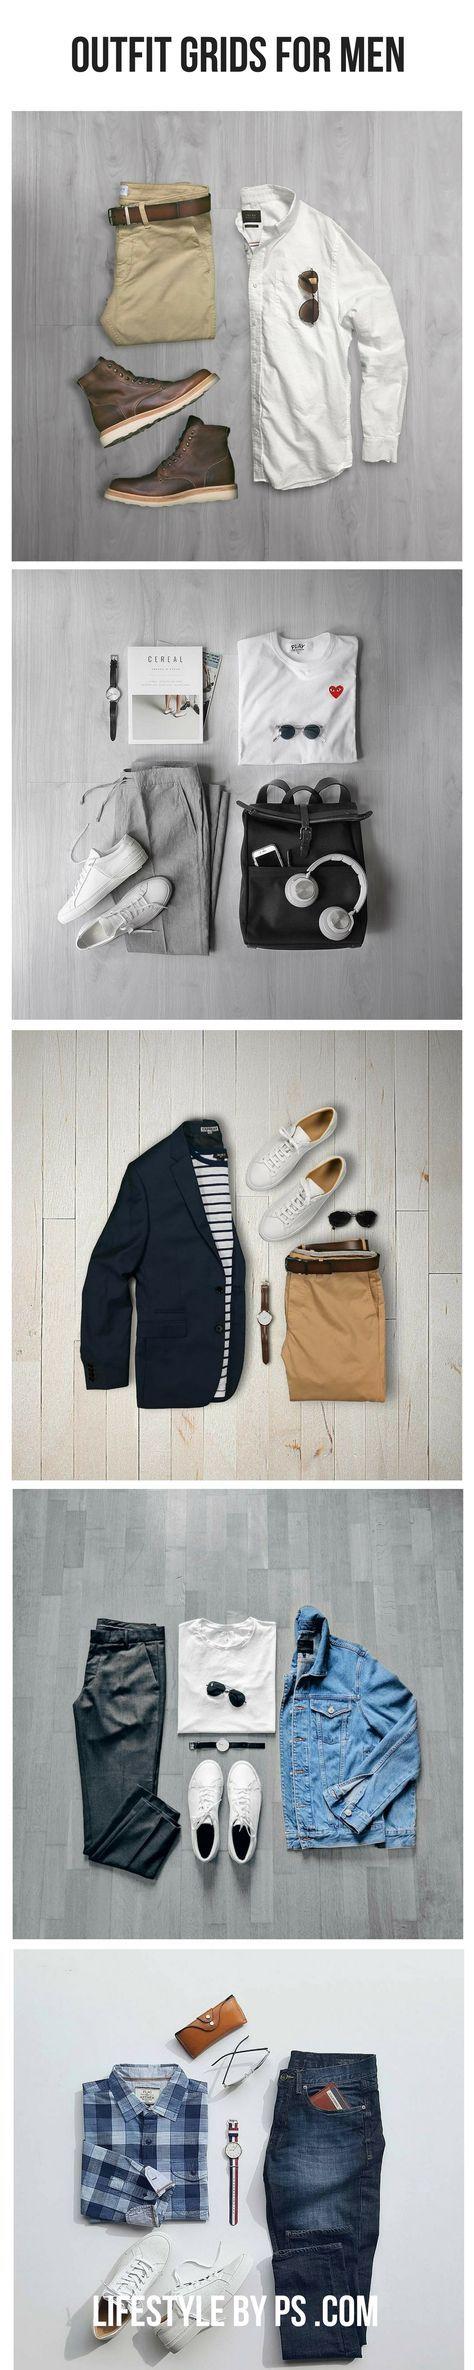 Men's fashion  Essentials   #MichaelLouis - www.MichaelLouis.com